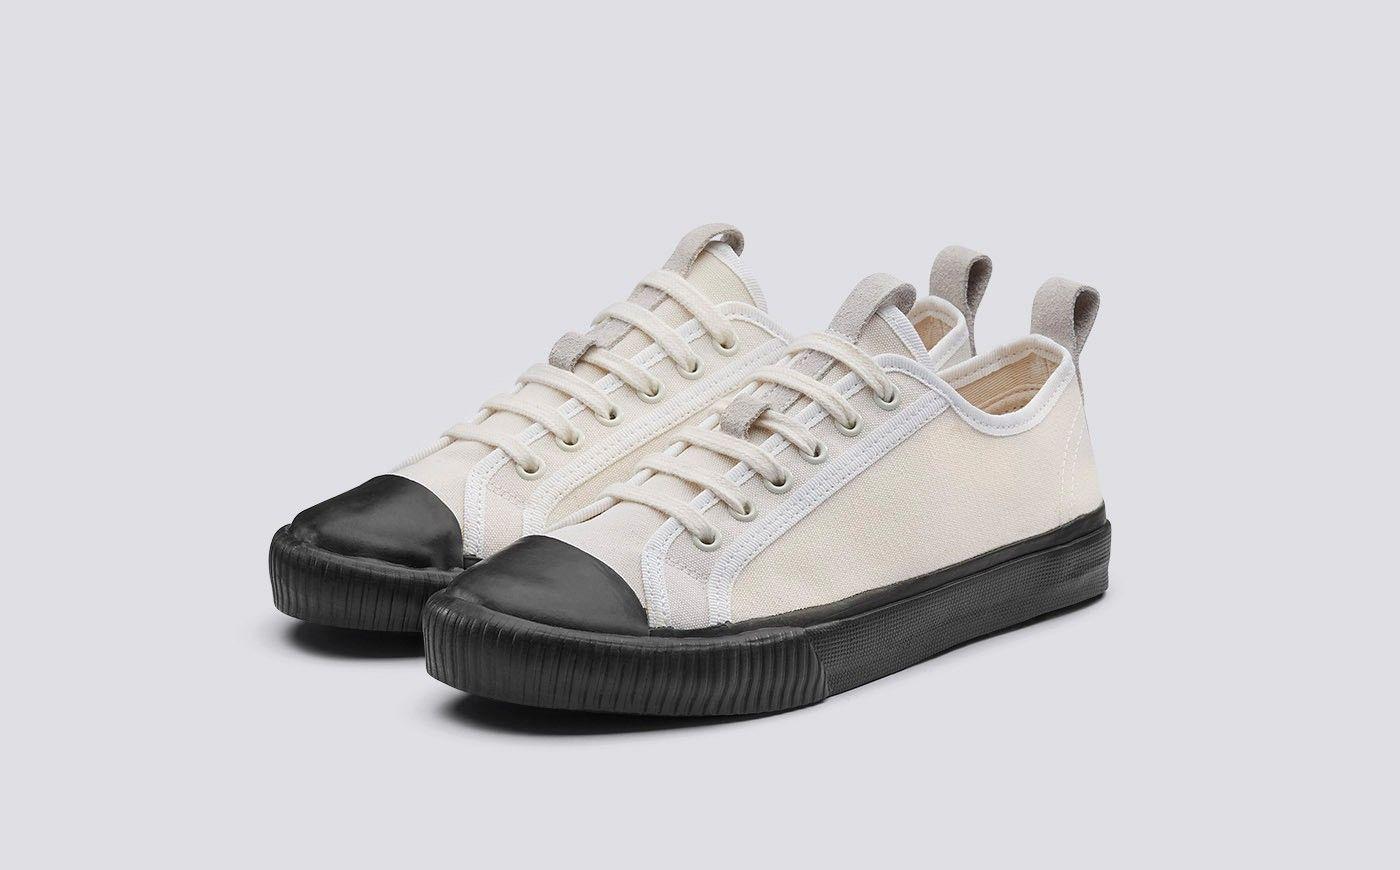 naturale suole lattice le stili introdotto con vulcanizzate nostre per Europe prime gomma gli Abbiamo lavorato che in recentemente in garantire in hanno sneakers Made PwB4qWS6